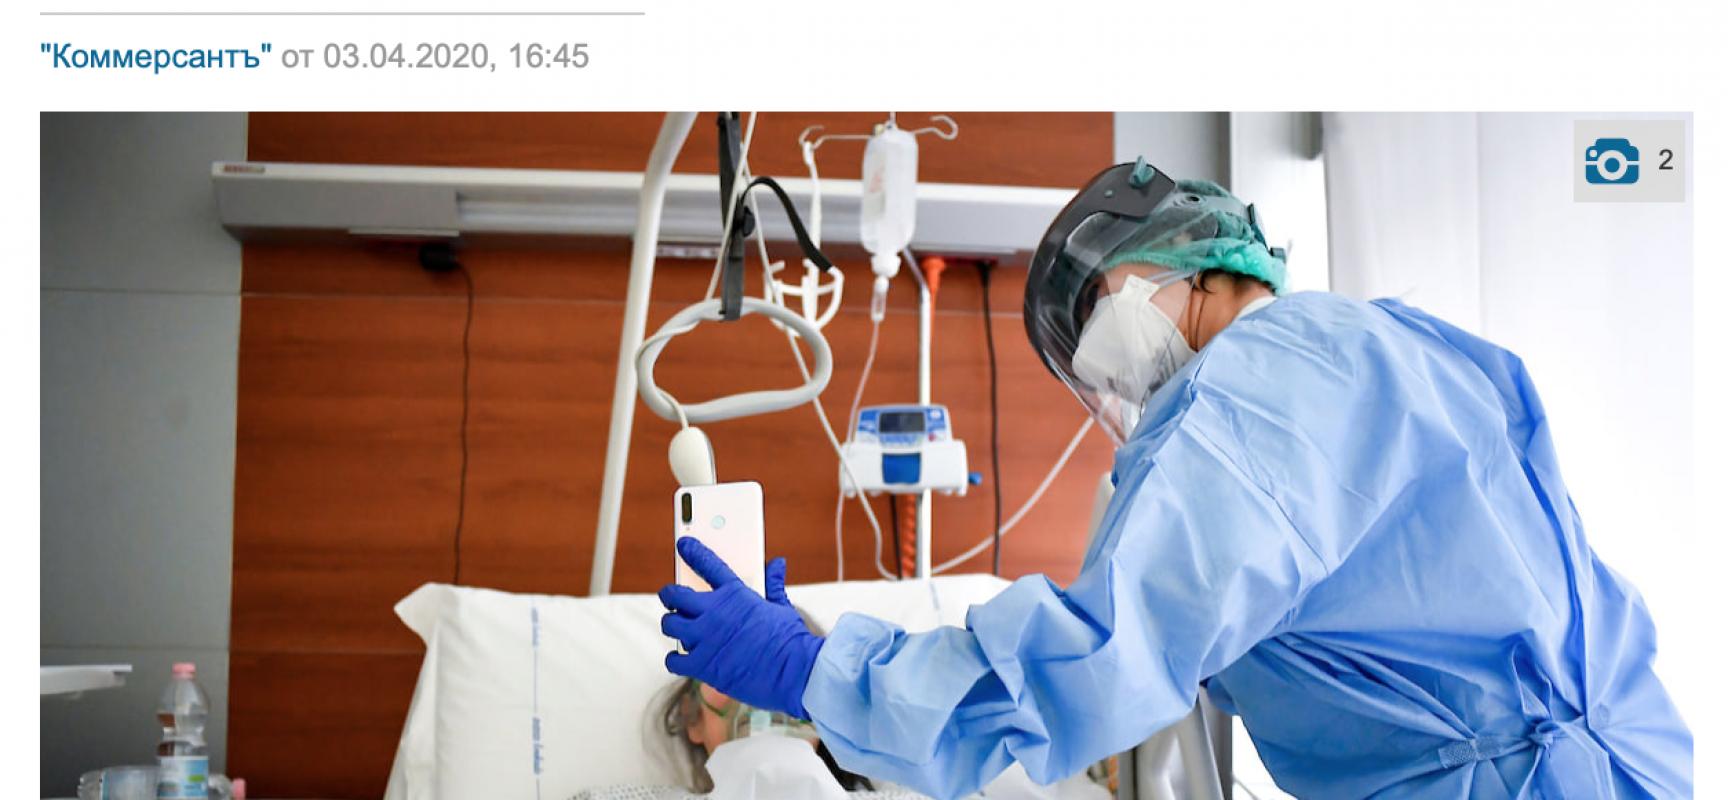 Per i medici russi siamo un paese del terzo mondo da non prendere a esempio